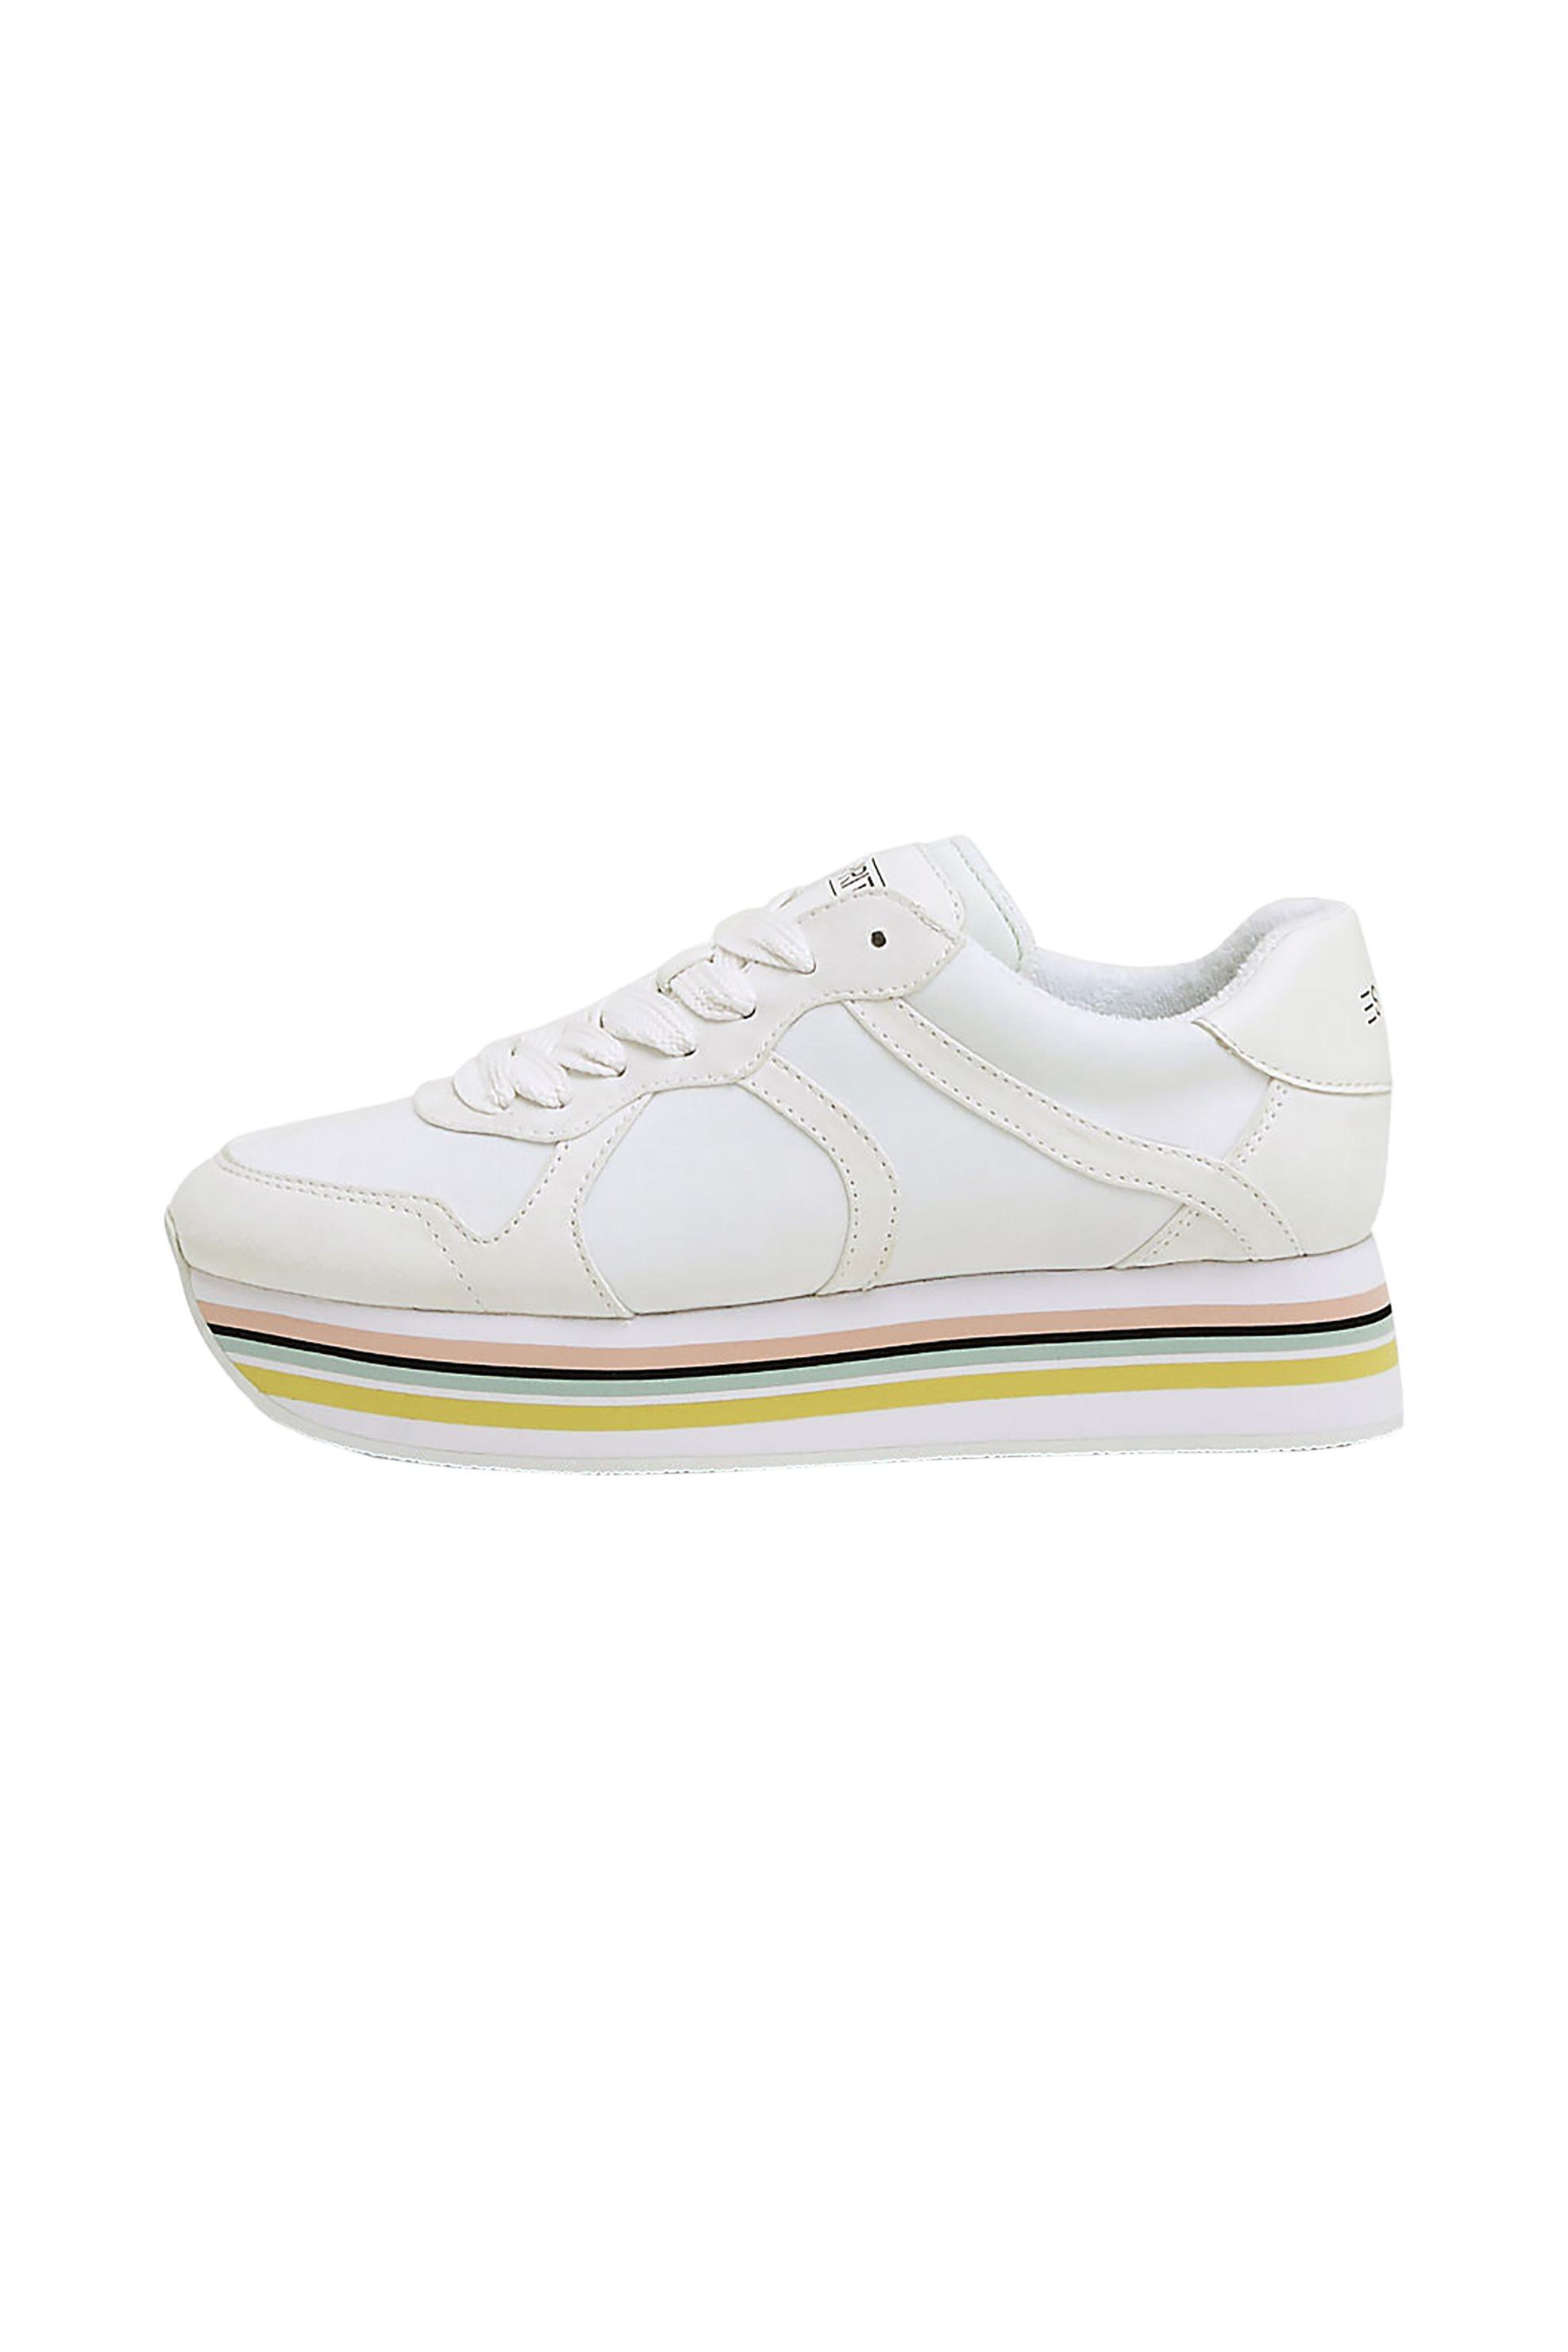 Esprit γυναικεία αθλητικά παπούτσια με ριγέ πλατφόρμα – 039EK1W023 – Λευκό